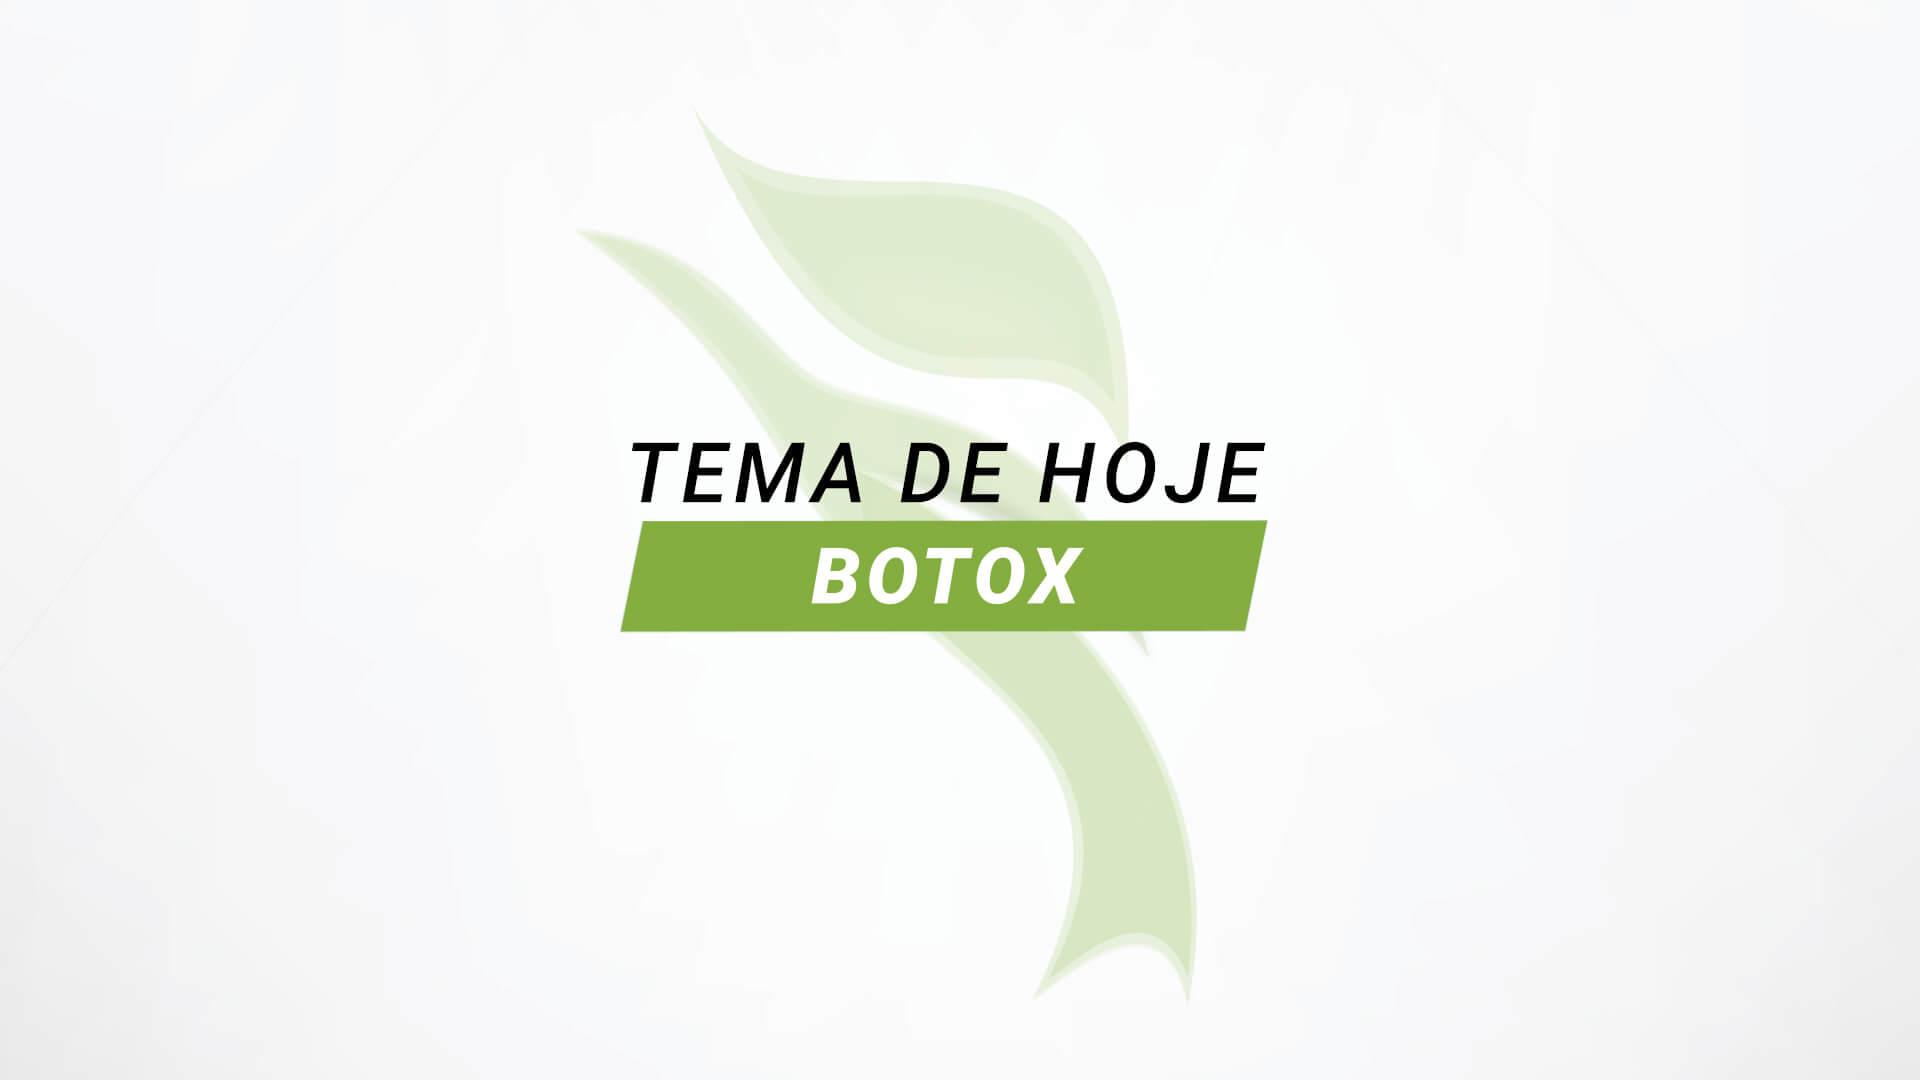 Botox pode ser usado em conjunto com outros tratamentos estéticos